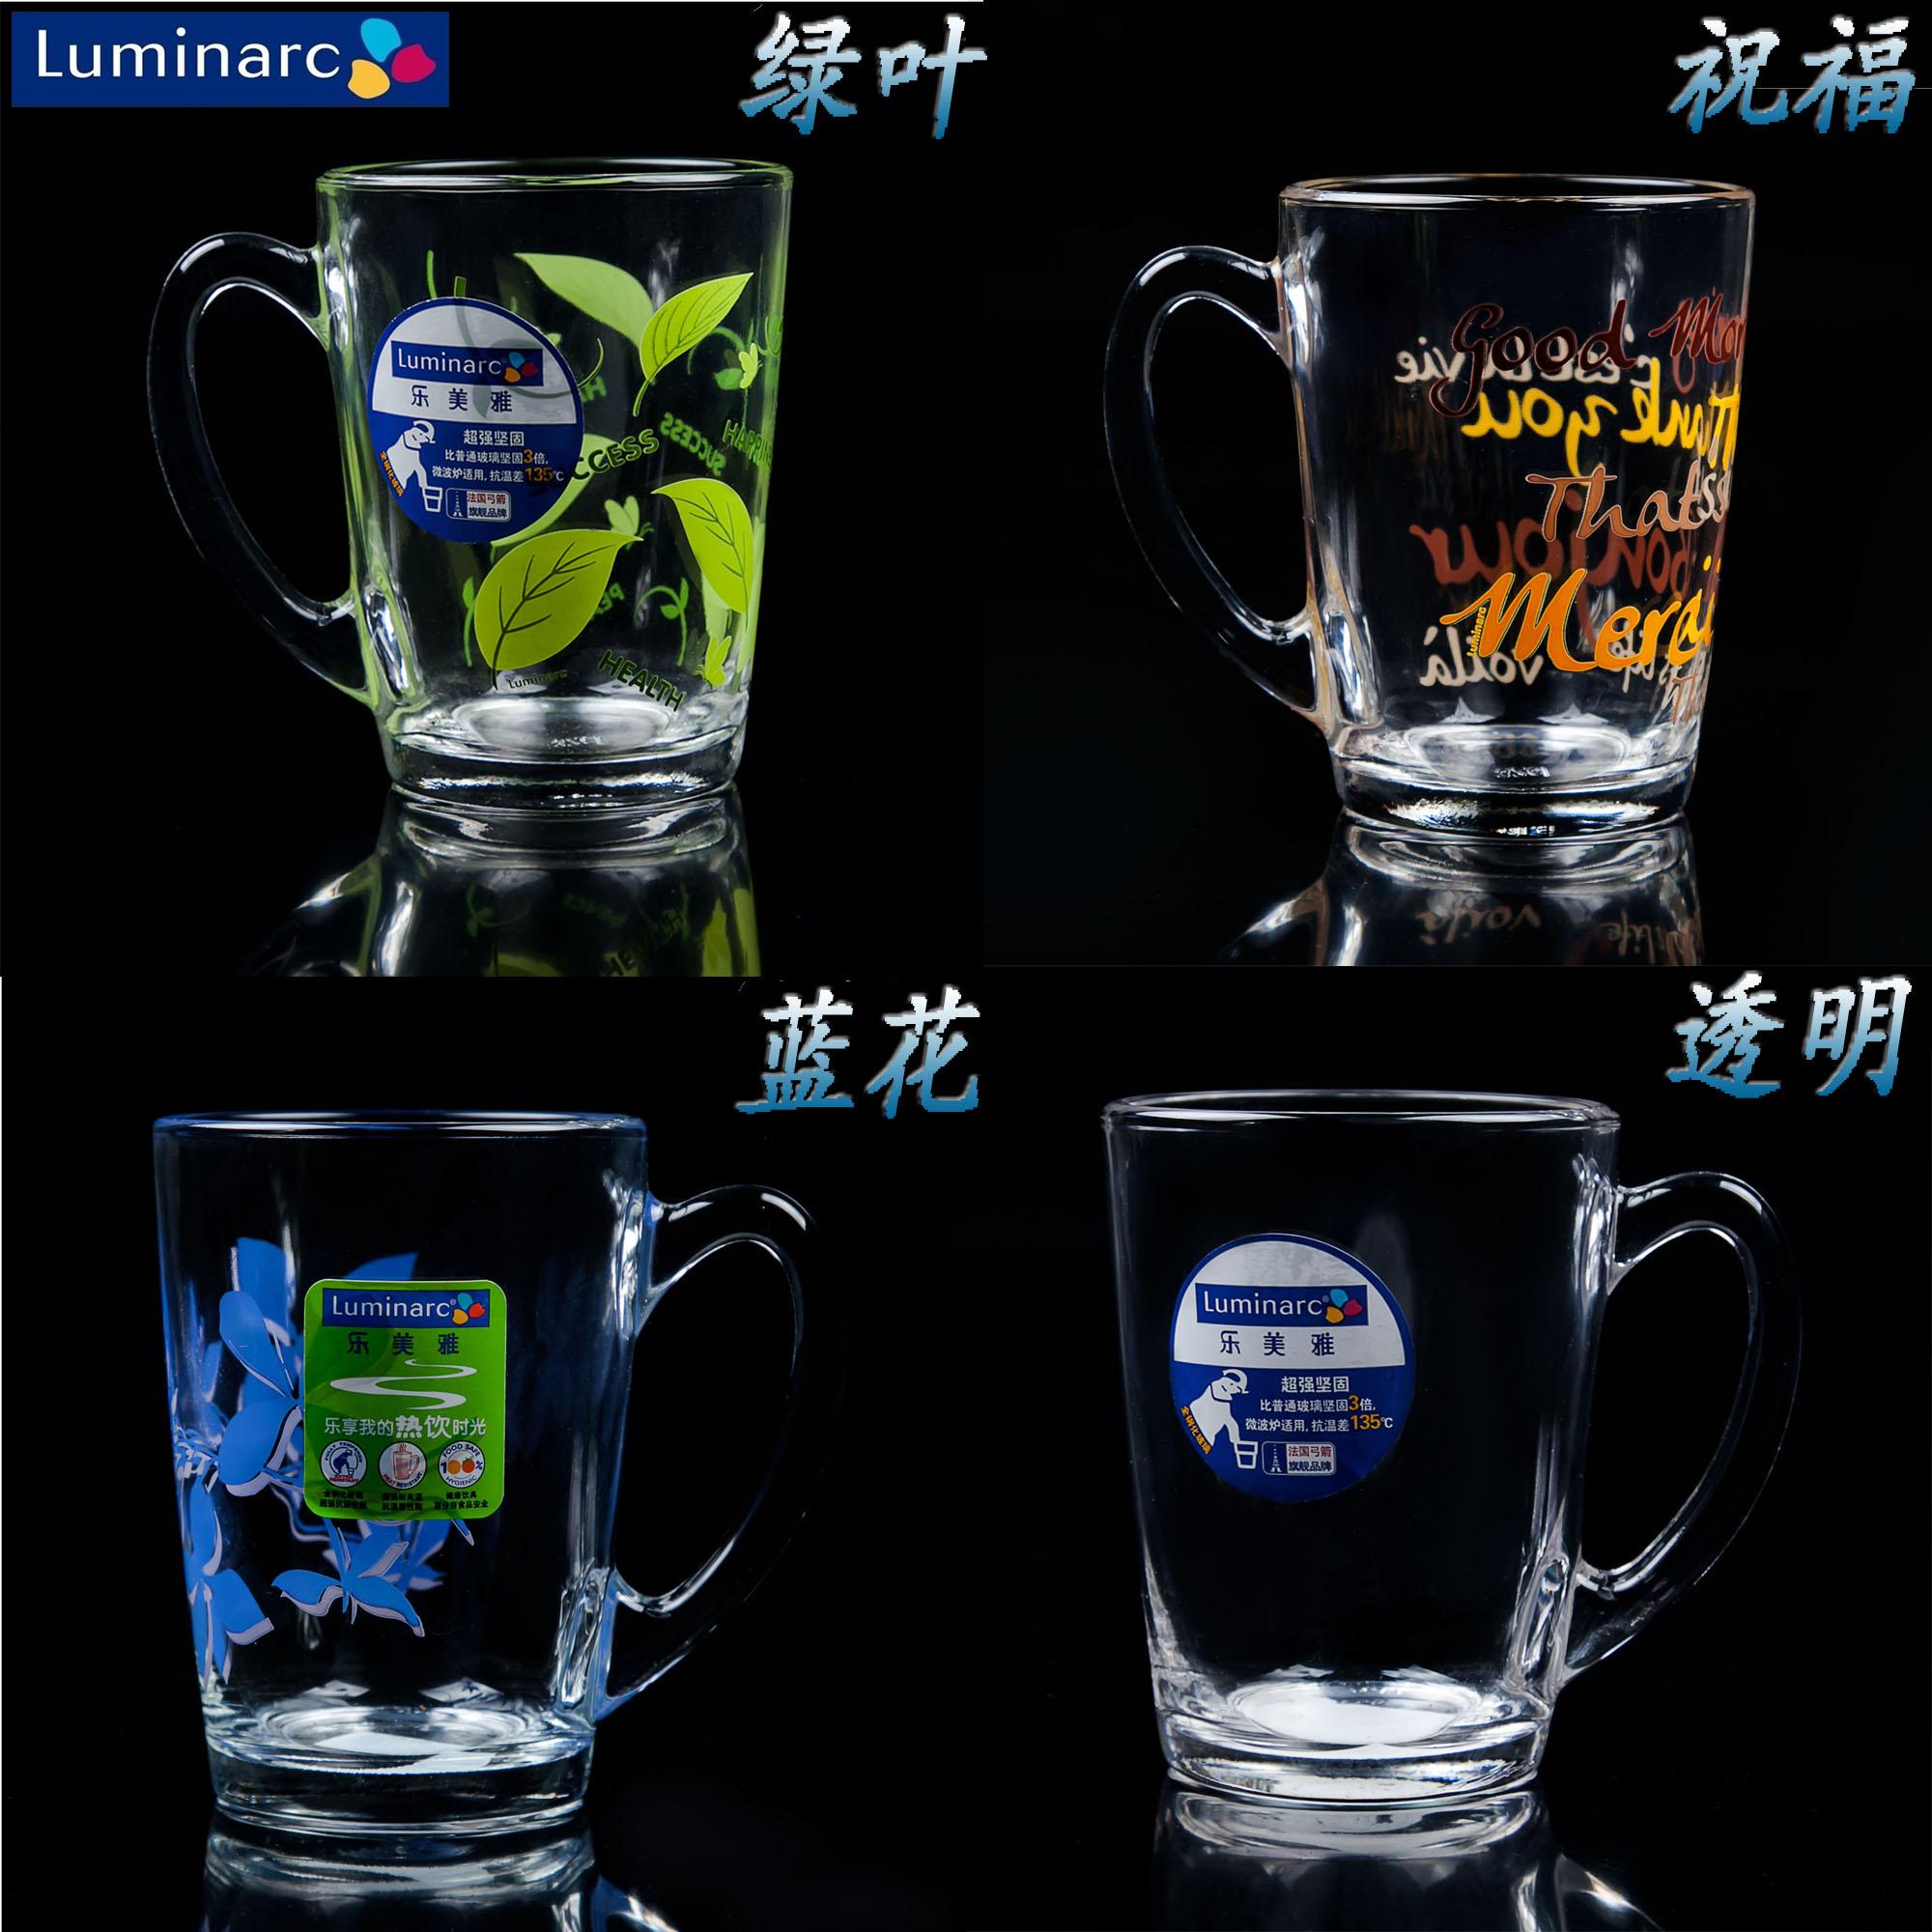 法國弓箭樂美雅鋼化玻璃印花熱飲清晨把杯玻璃杯馬克杯牛奶杯茶杯